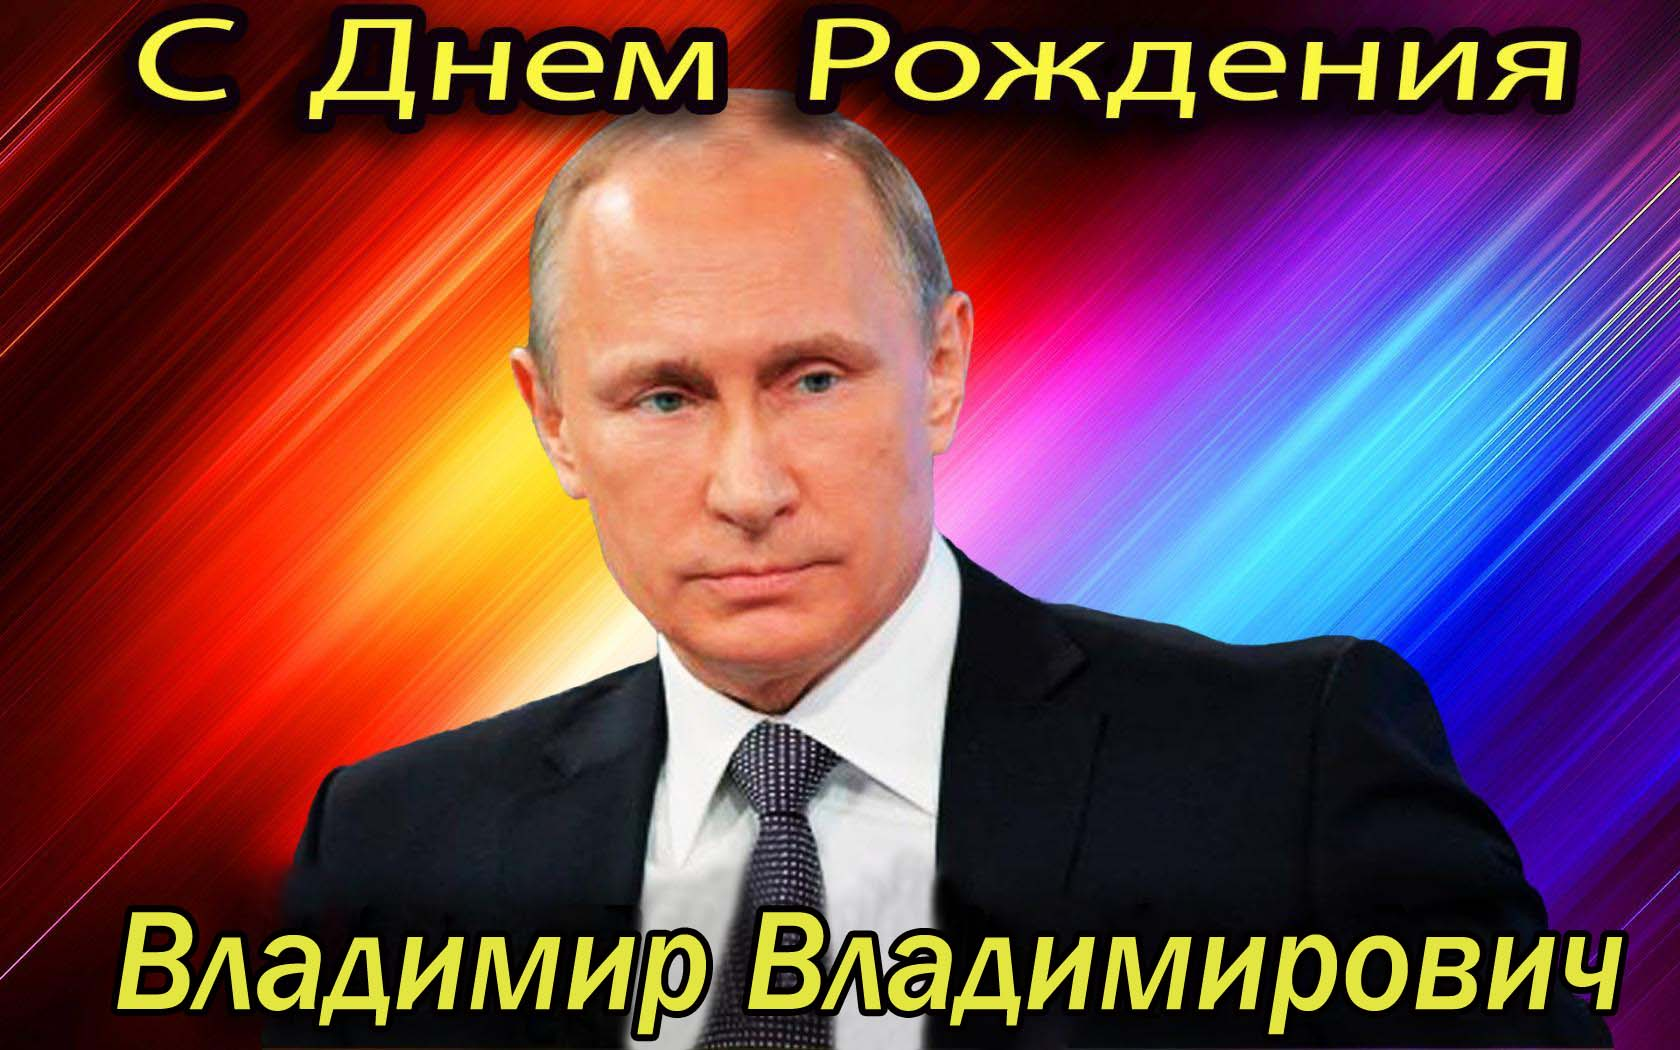 Поздравления владимира владимировича путина с днем рождения